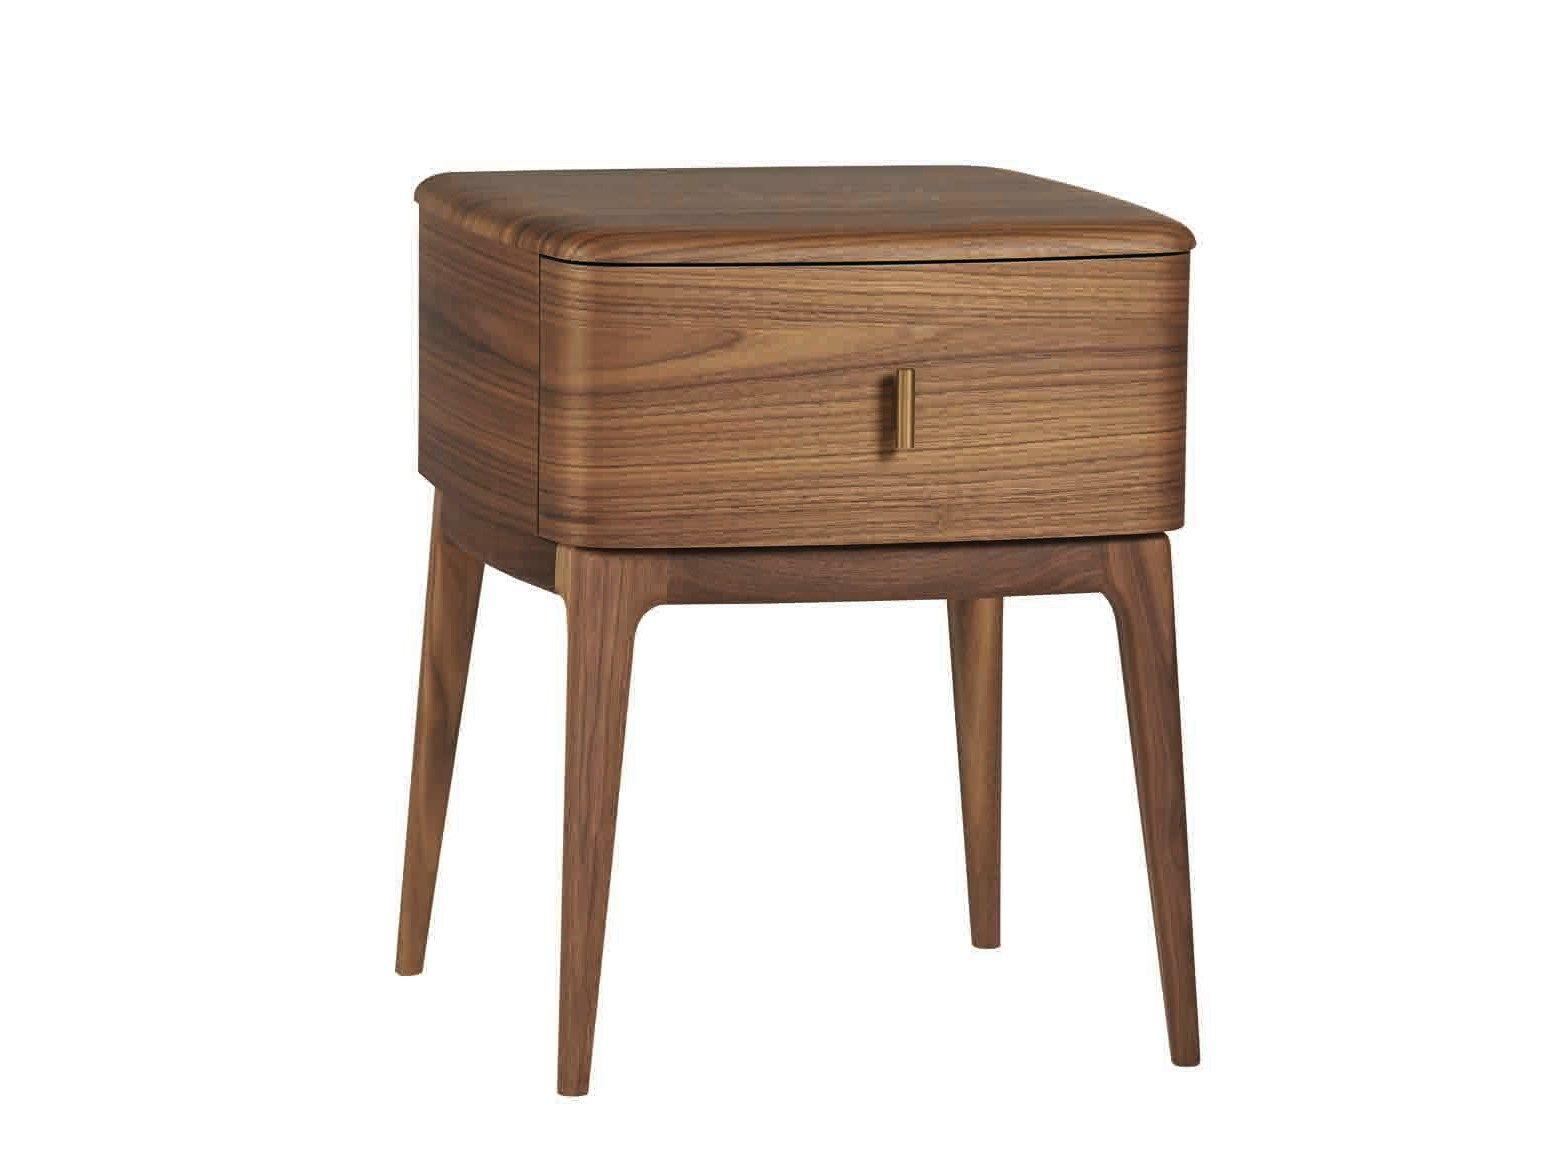 Nachttisch Walnuss nachttisch aus walnuss mit schubladen 51 by gervasoni design